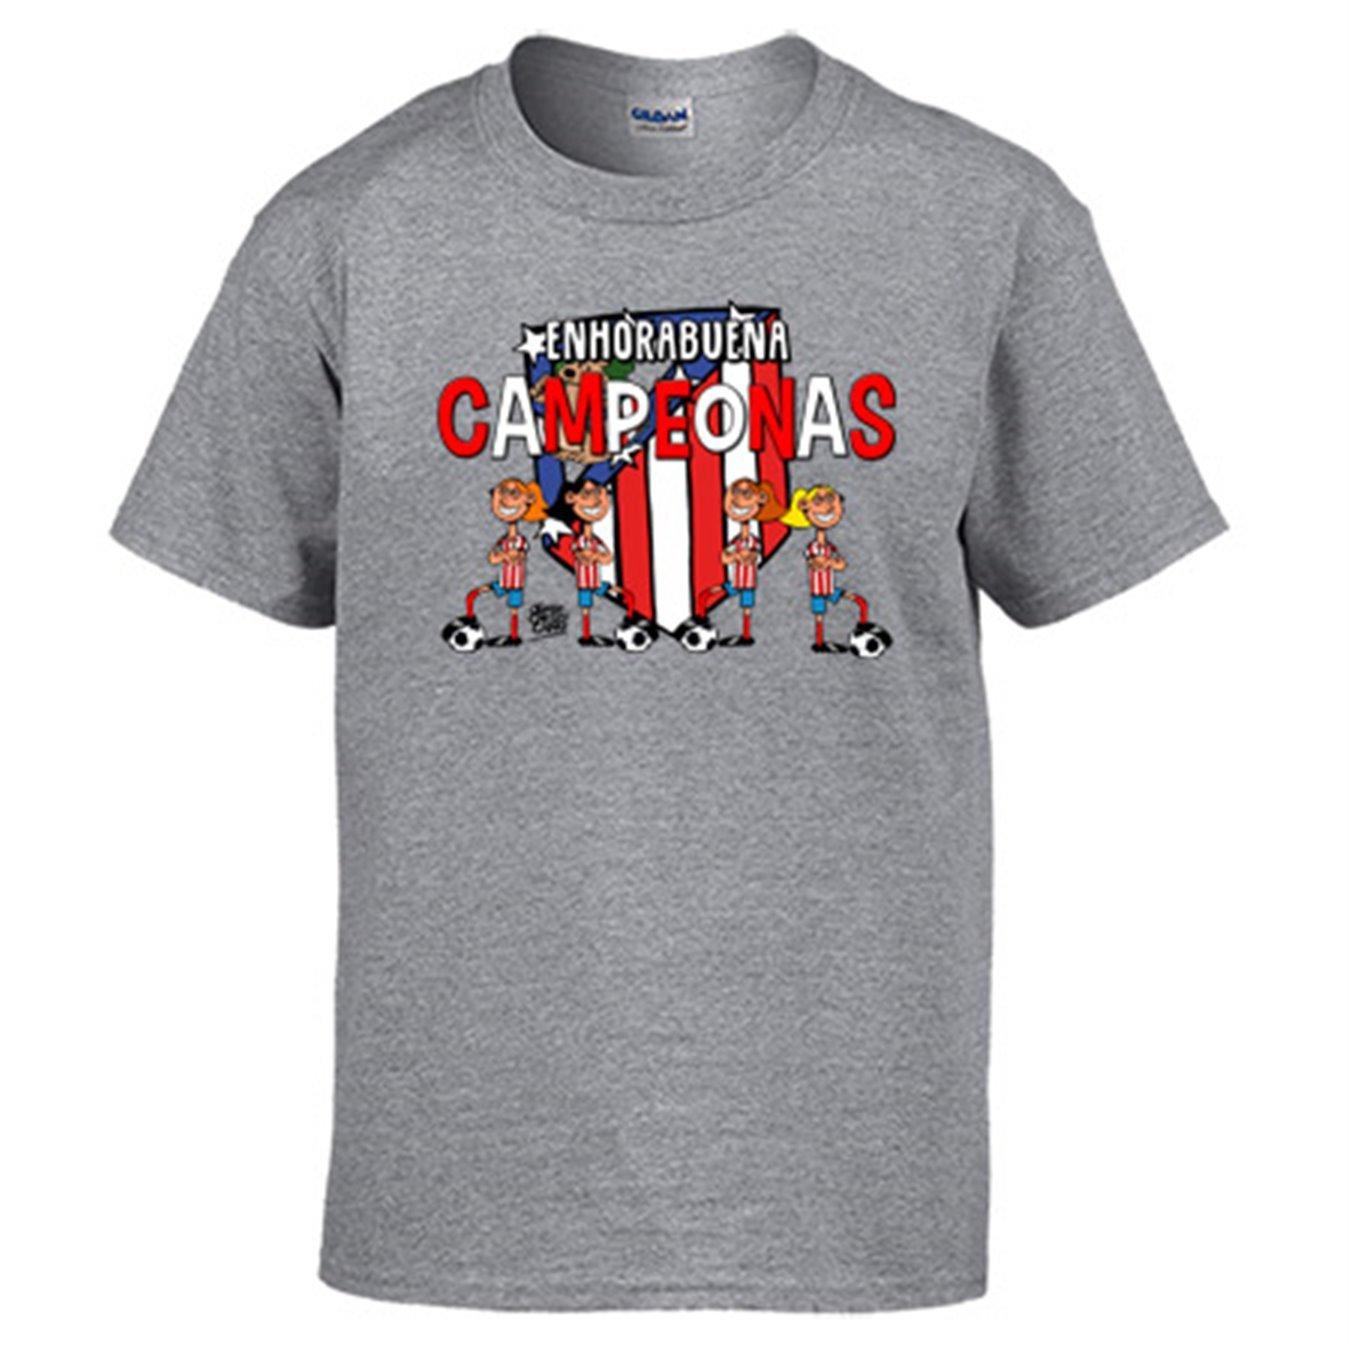 Diver Camisetas Camiseta Atlético de Madrid Féminas campeonas fútbol Femenino: Amazon.es: Ropa y accesorios